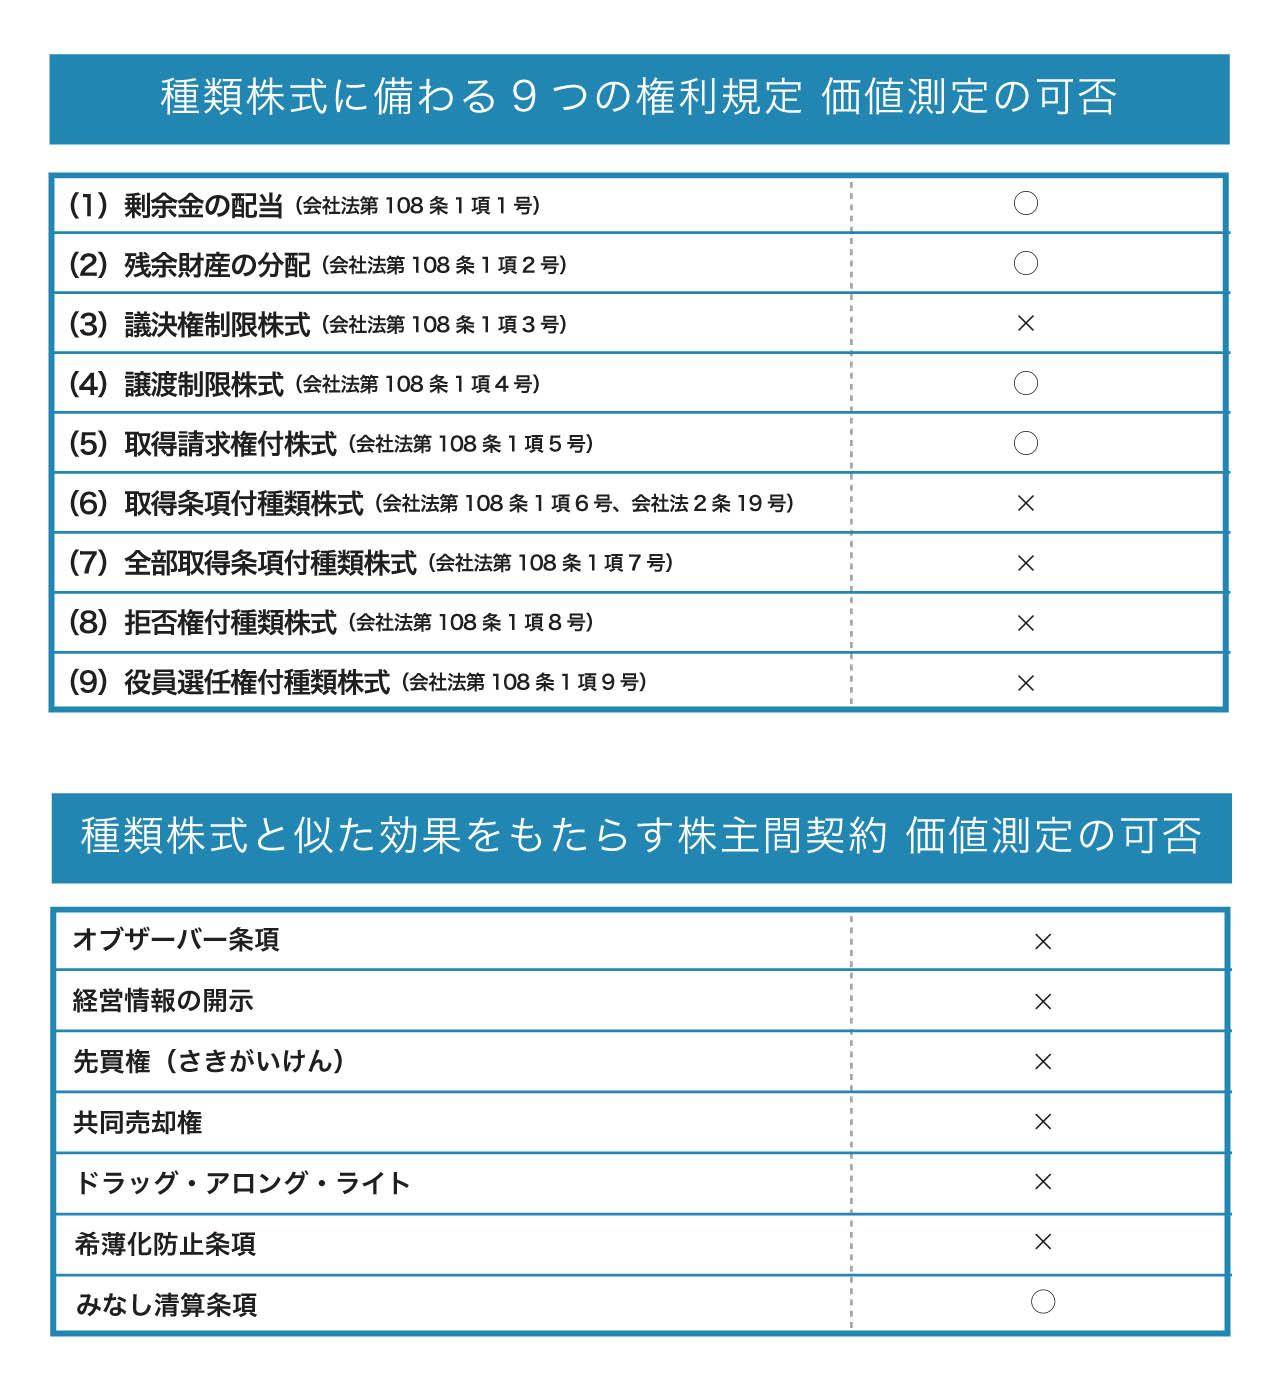 種類株式に備わる9つの権利規定と株主間契約 価値測定の可否